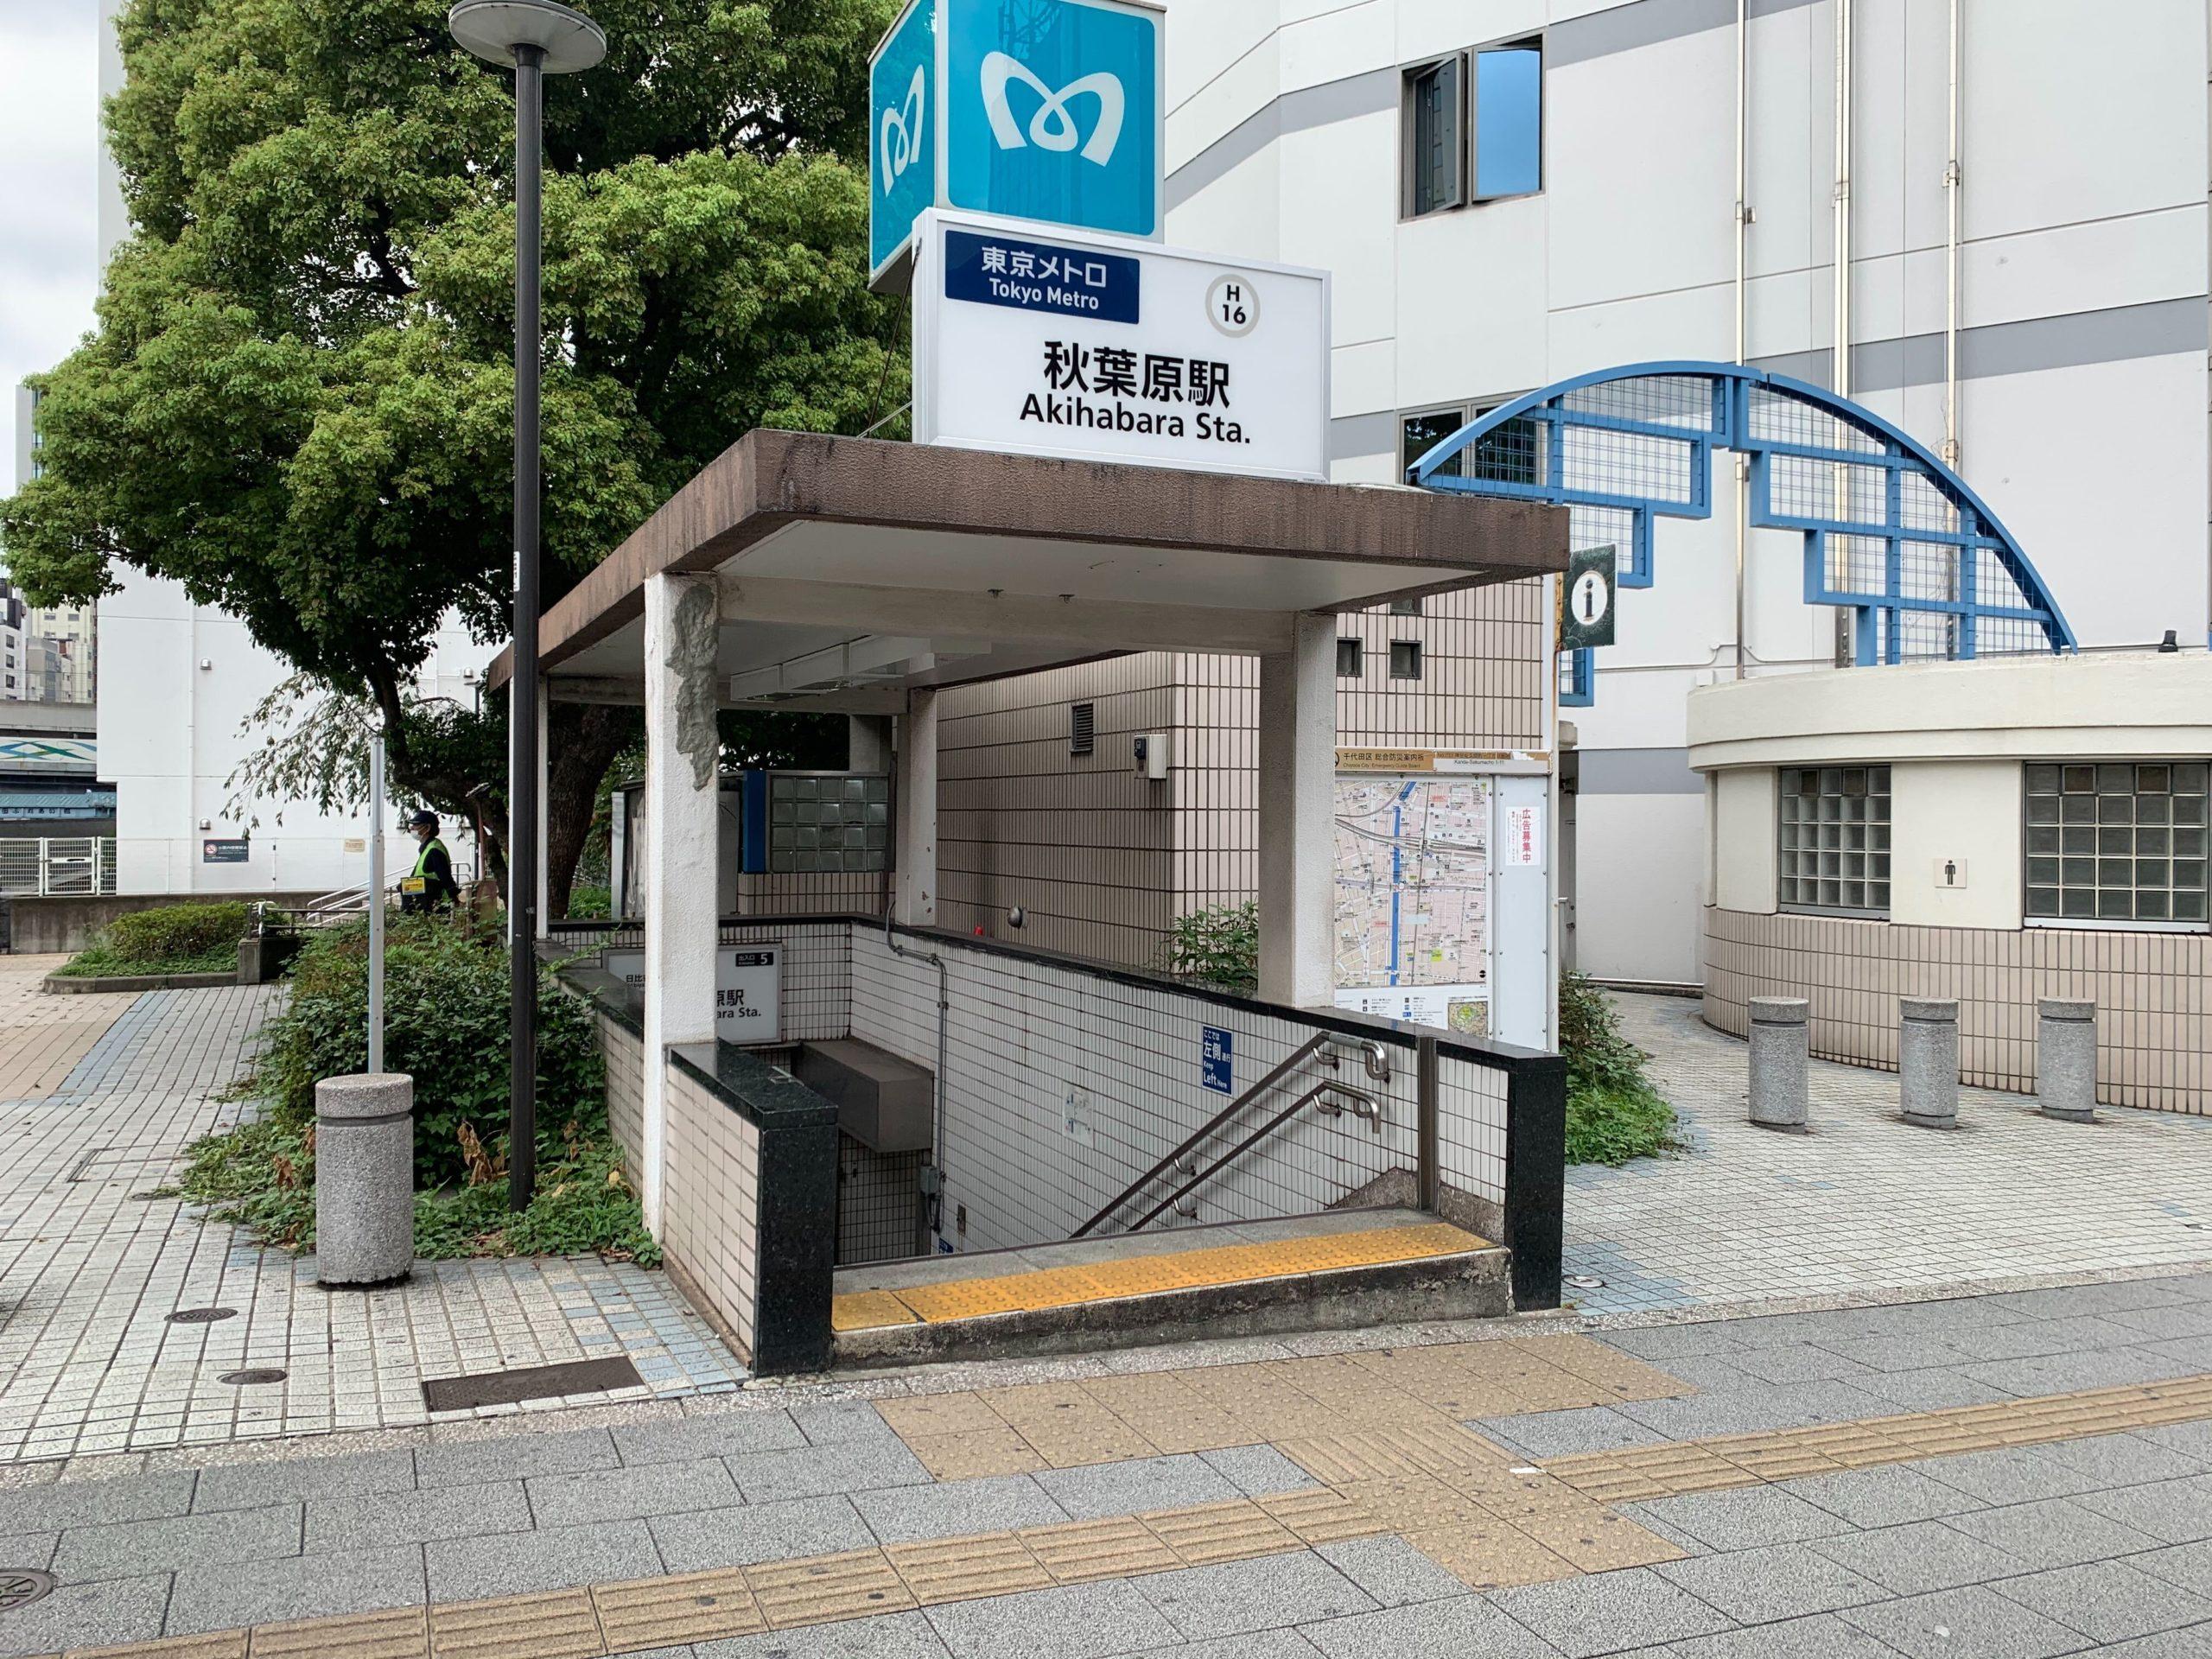 ⑥ 東京メトロ秋葉原駅[5番出口]を右手にさらに直進します